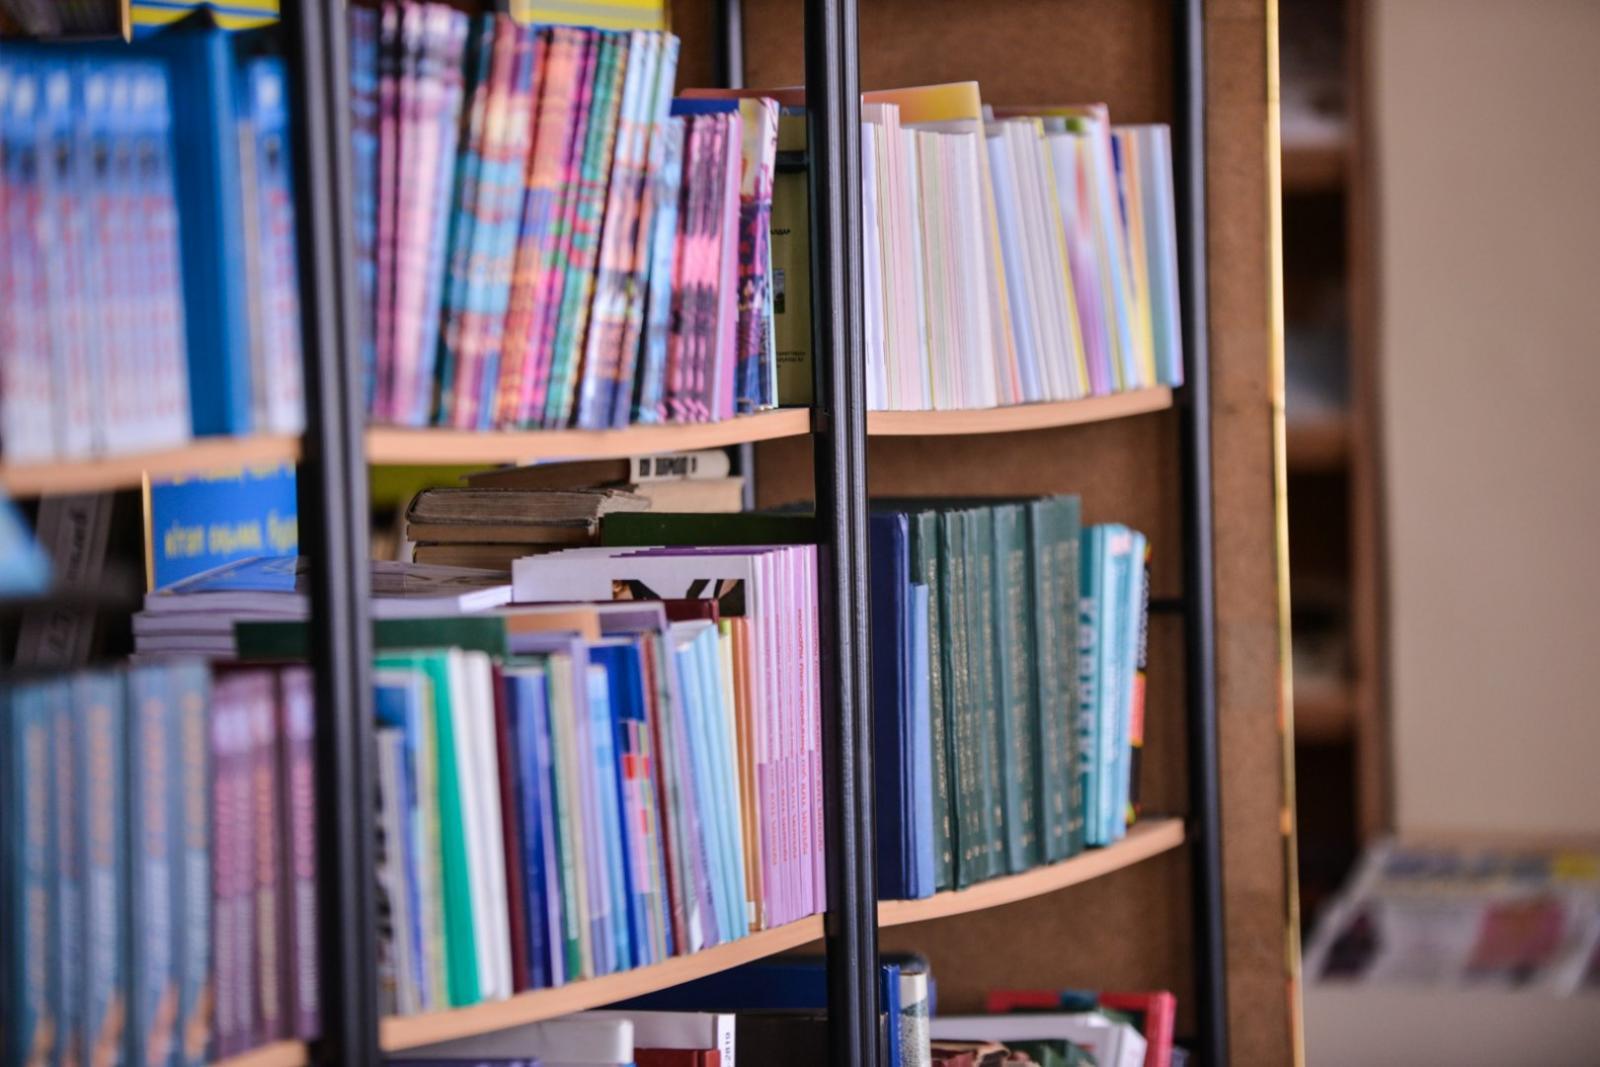 Школьный учебник по экономике забраковали из-за недостатка патриотизма